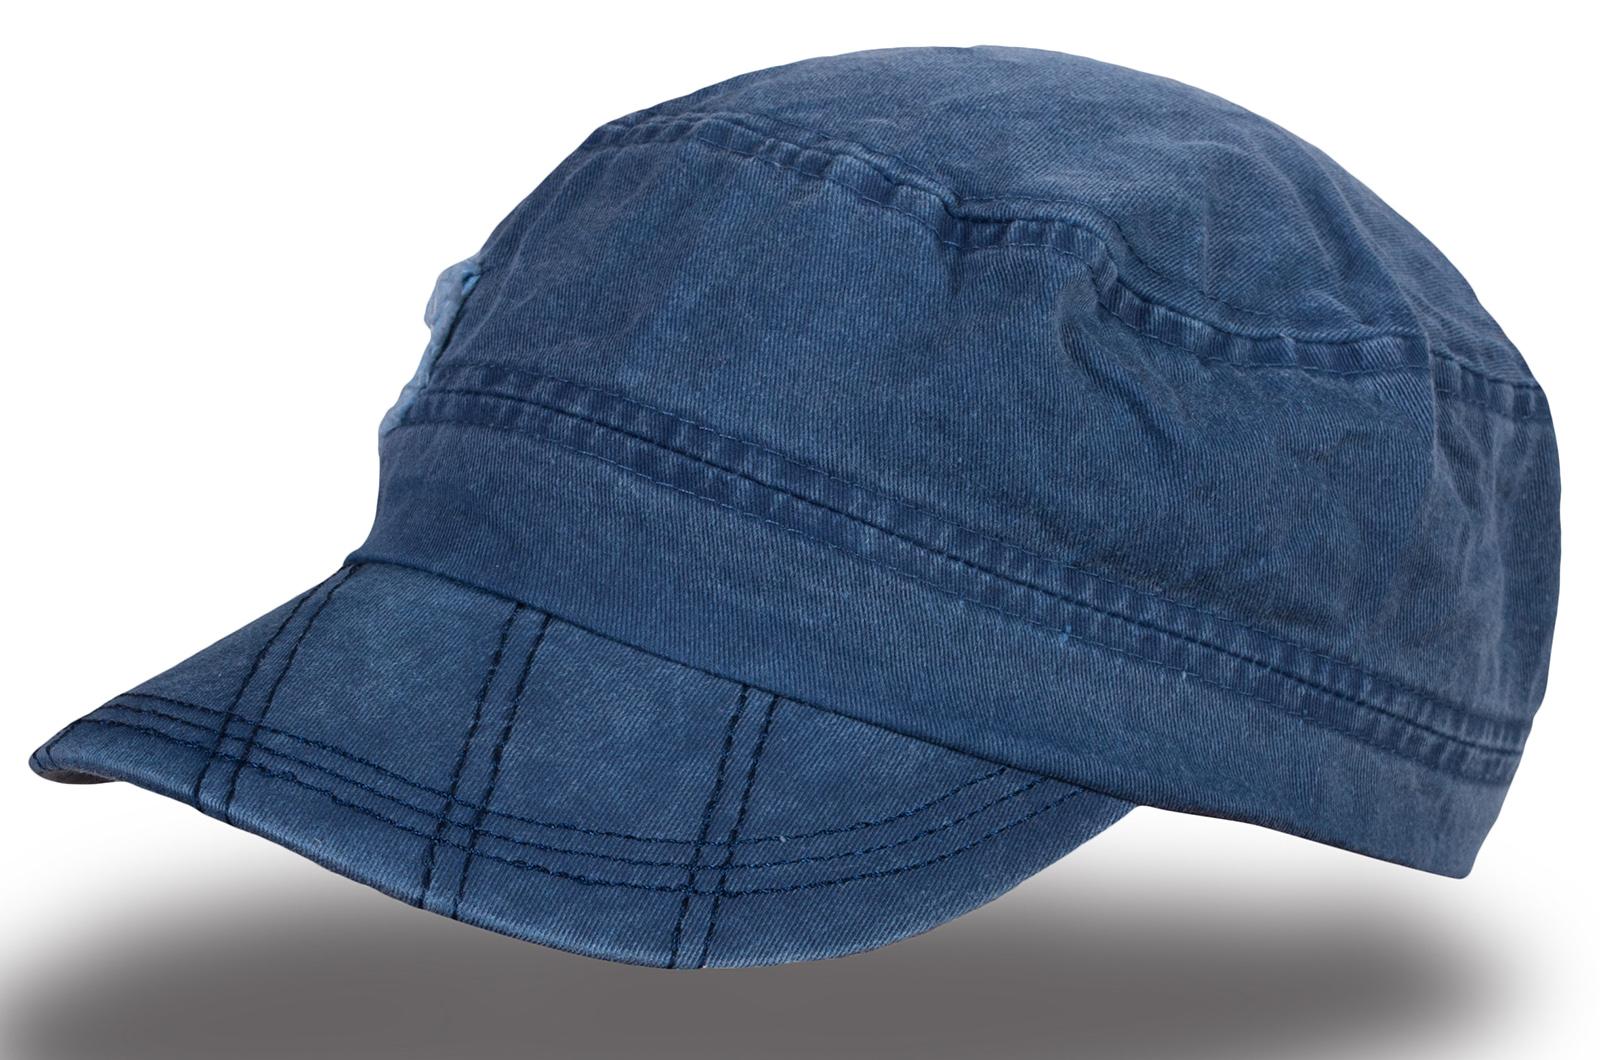 Кепка-немка синяя - купить в интернет-магазине с доставкой